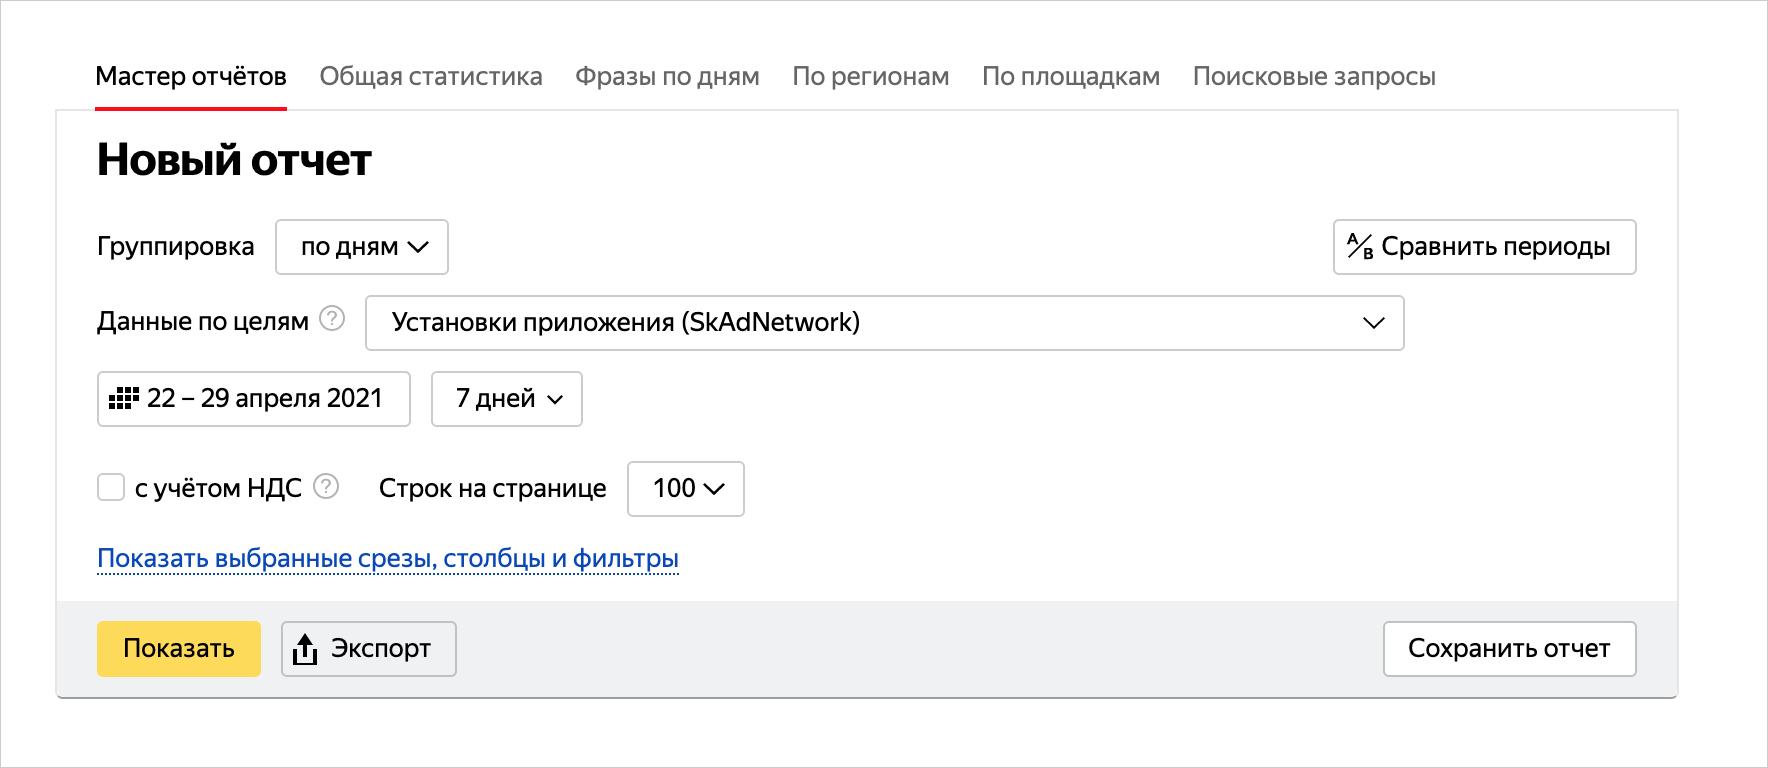 Изменились настройки Директ-рекламы Яндекса для новой iOS